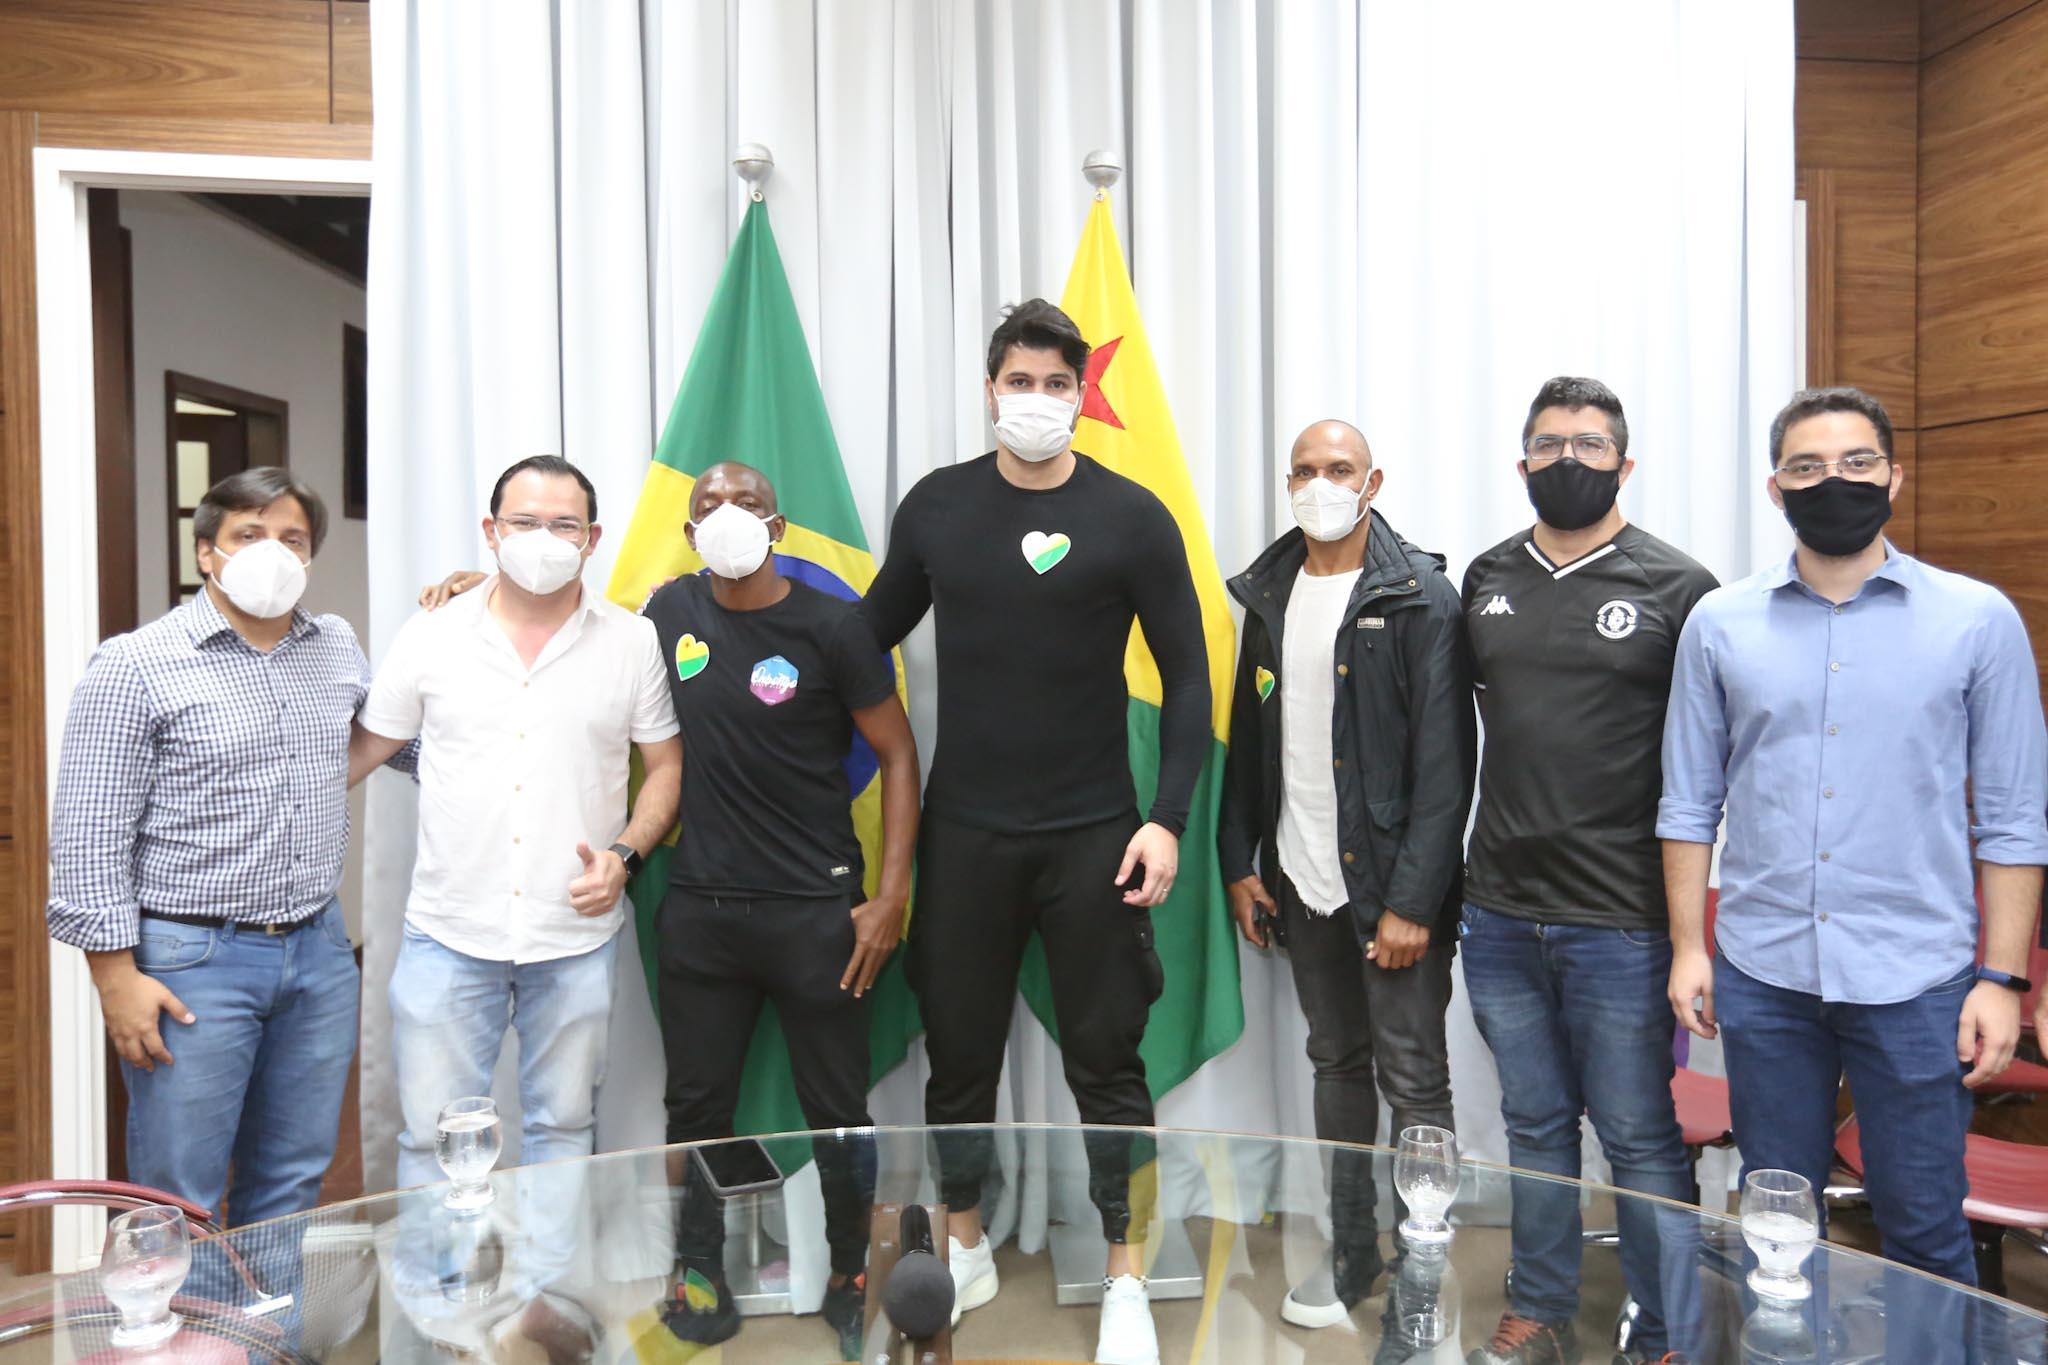 """""""Eu passei muita fome e agora posso ajudar as pessoas com essas ações"""", diz Amaral ao falar sobre o Futebol Solidário"""